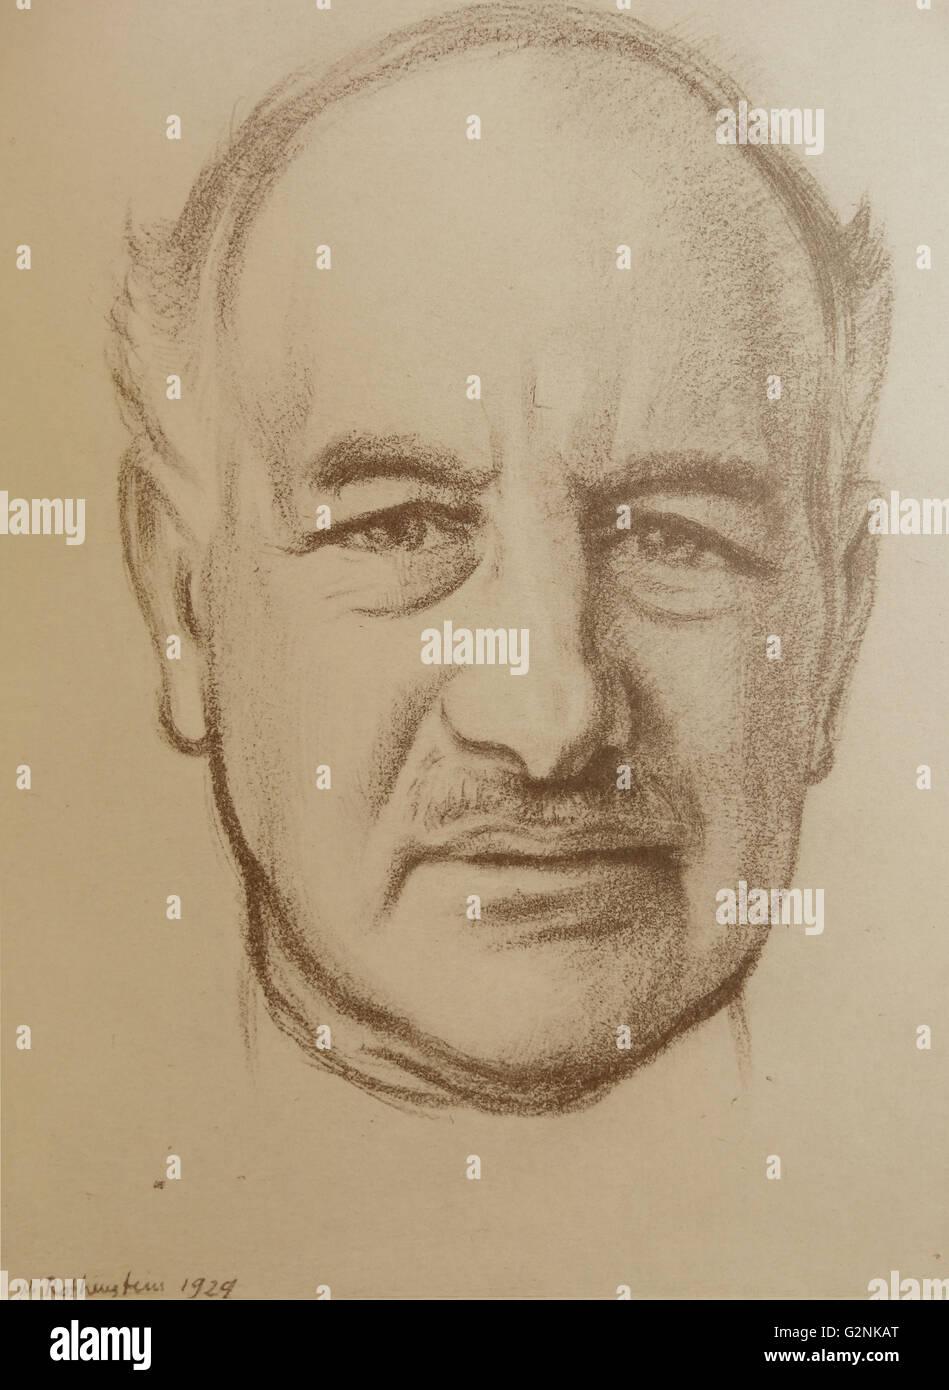 Ritratto di destra onorevole Lord Melchett di a Landford Immagini Stock